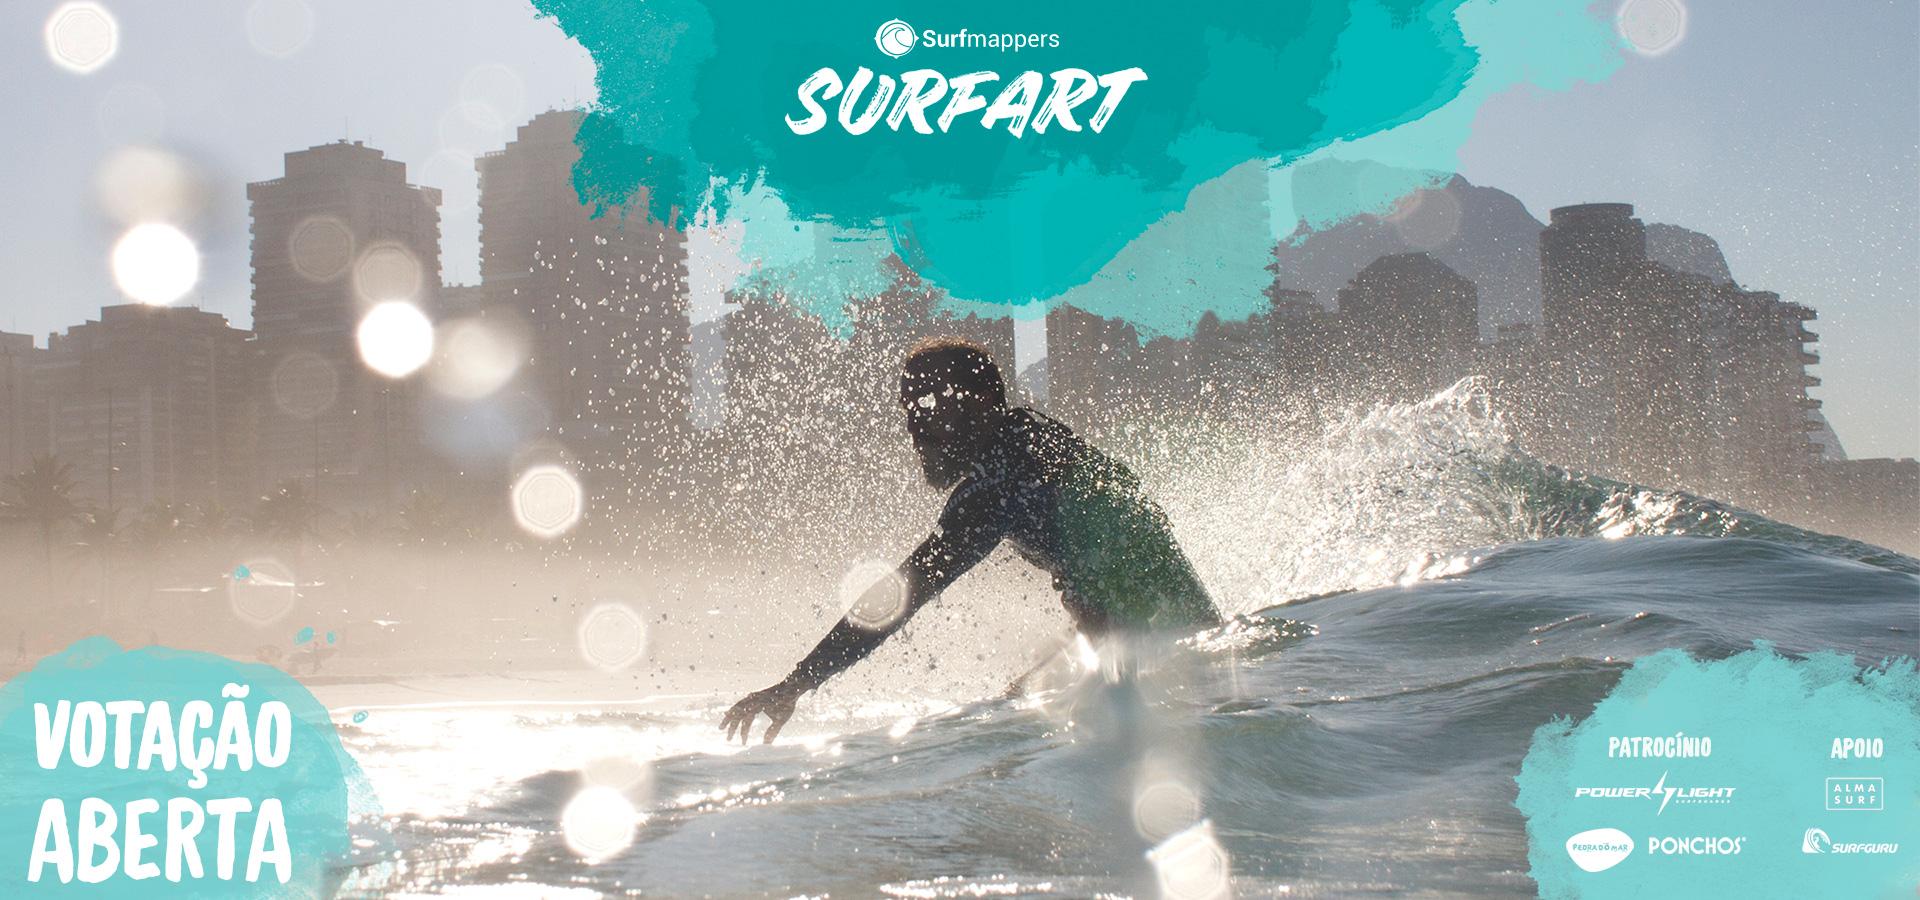 concurso de fotografia surfmappers surfart